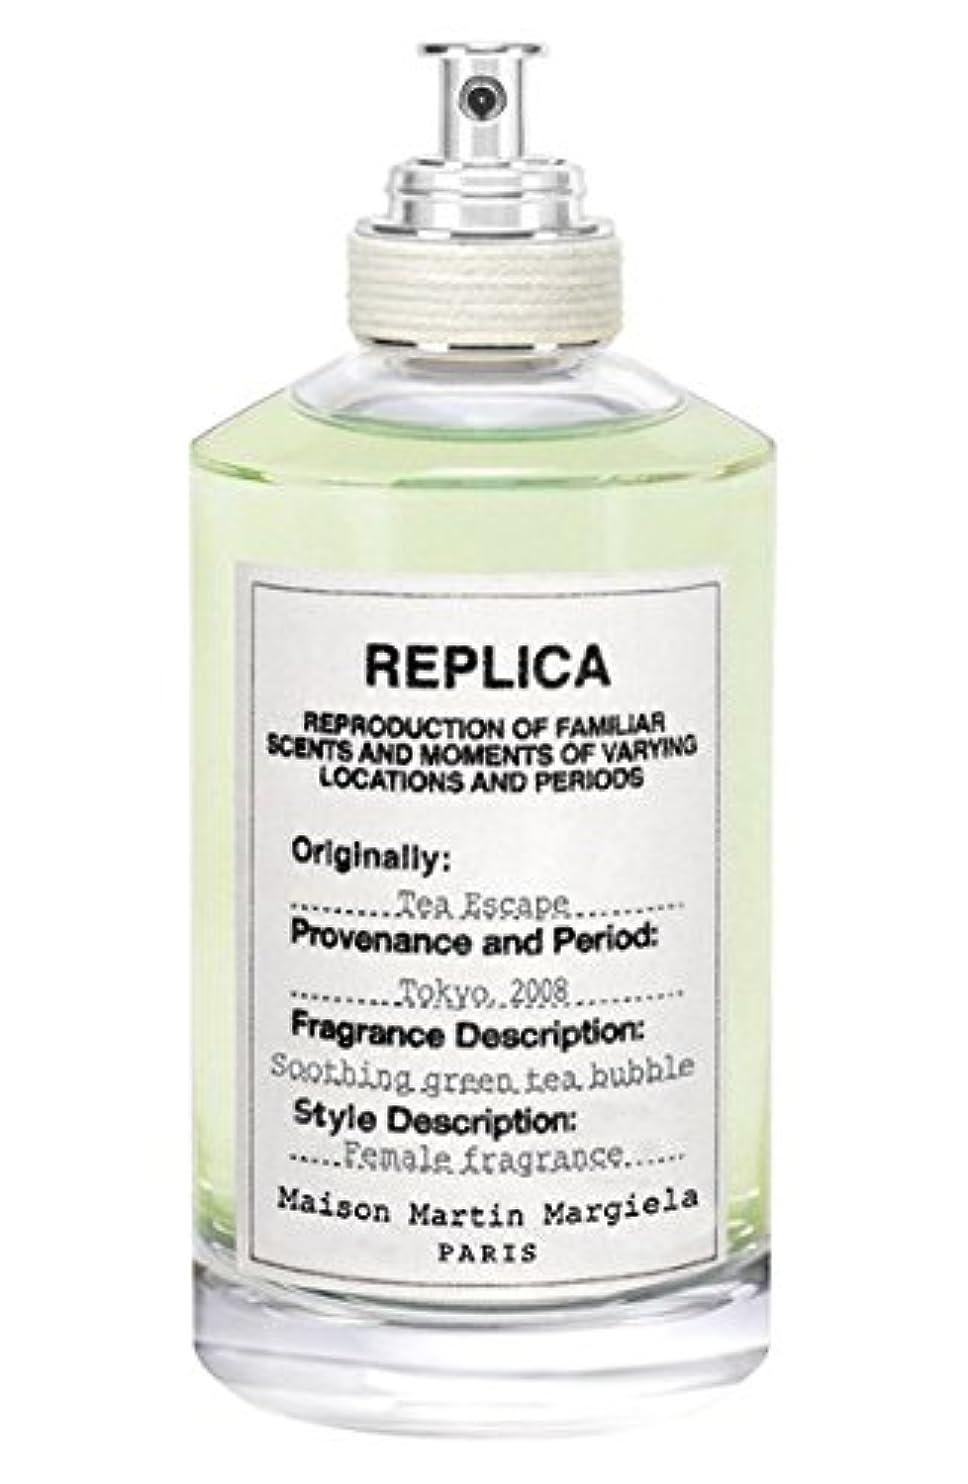 アーサーコナンドイル振動させる予報Replica - Tea Escape (レプリカ - ティー エスケープ) 3.4 oz (100ml) Fragrance for Women